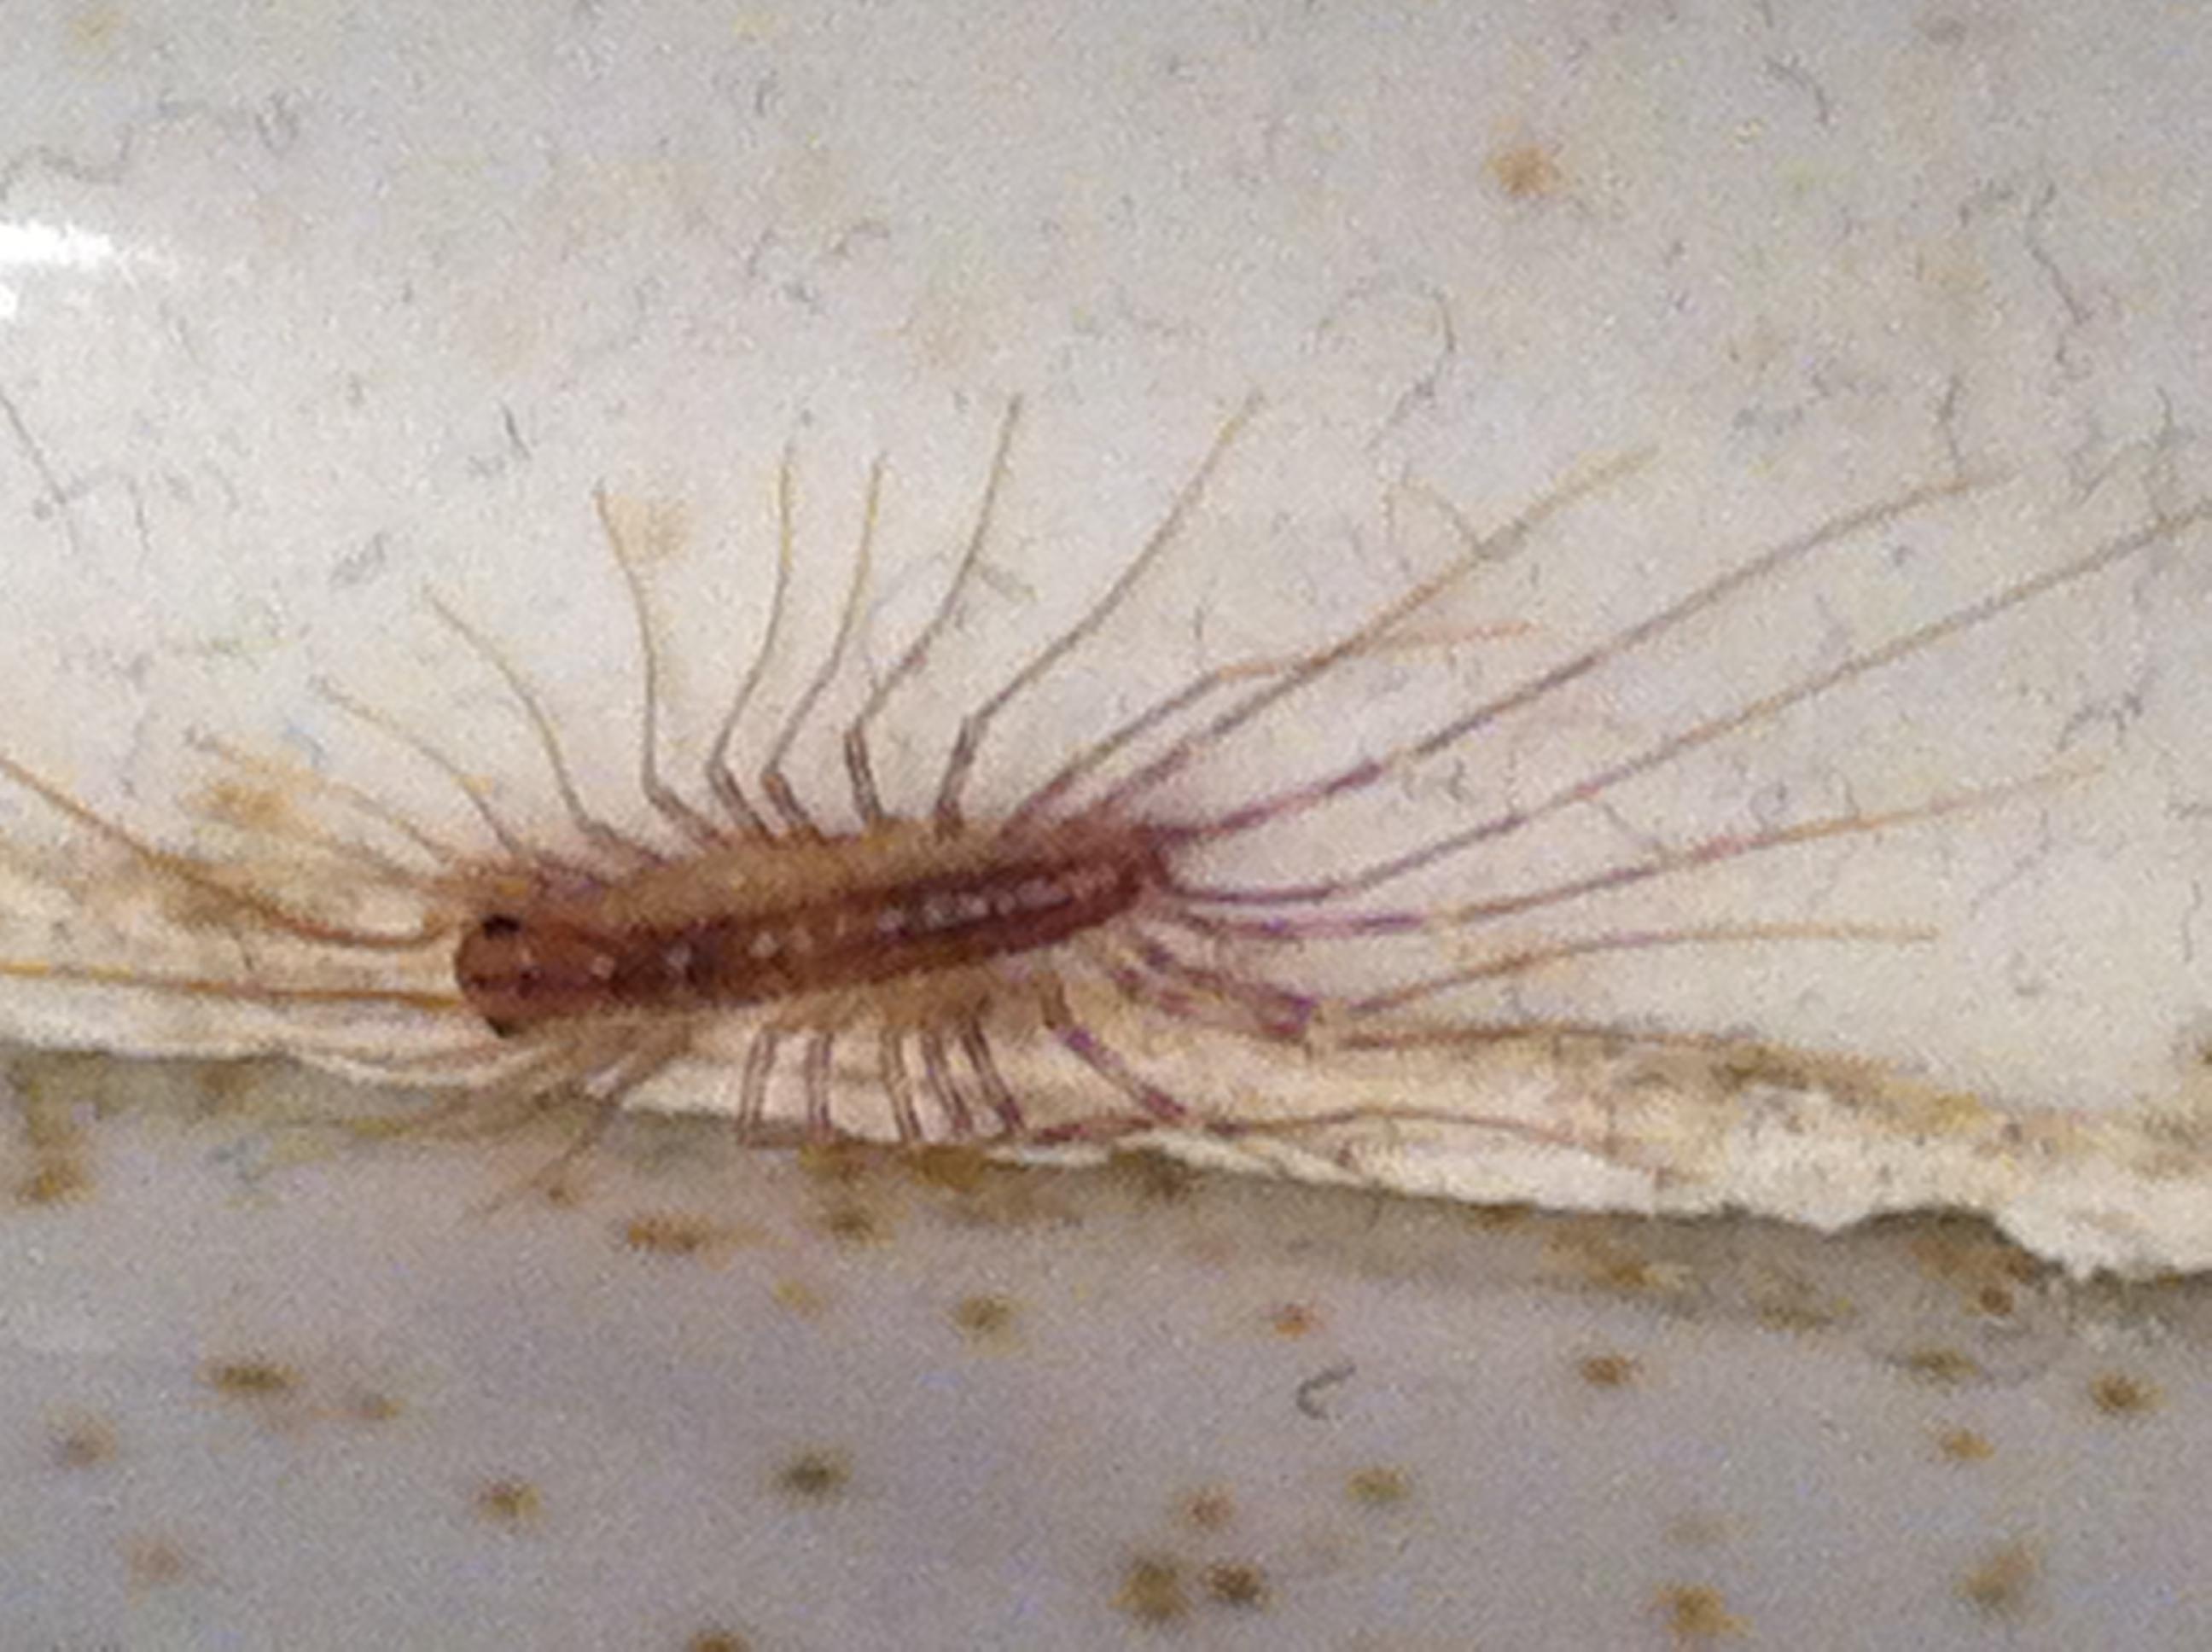 Bug Pictures Arizona Pest Termite Control Blog